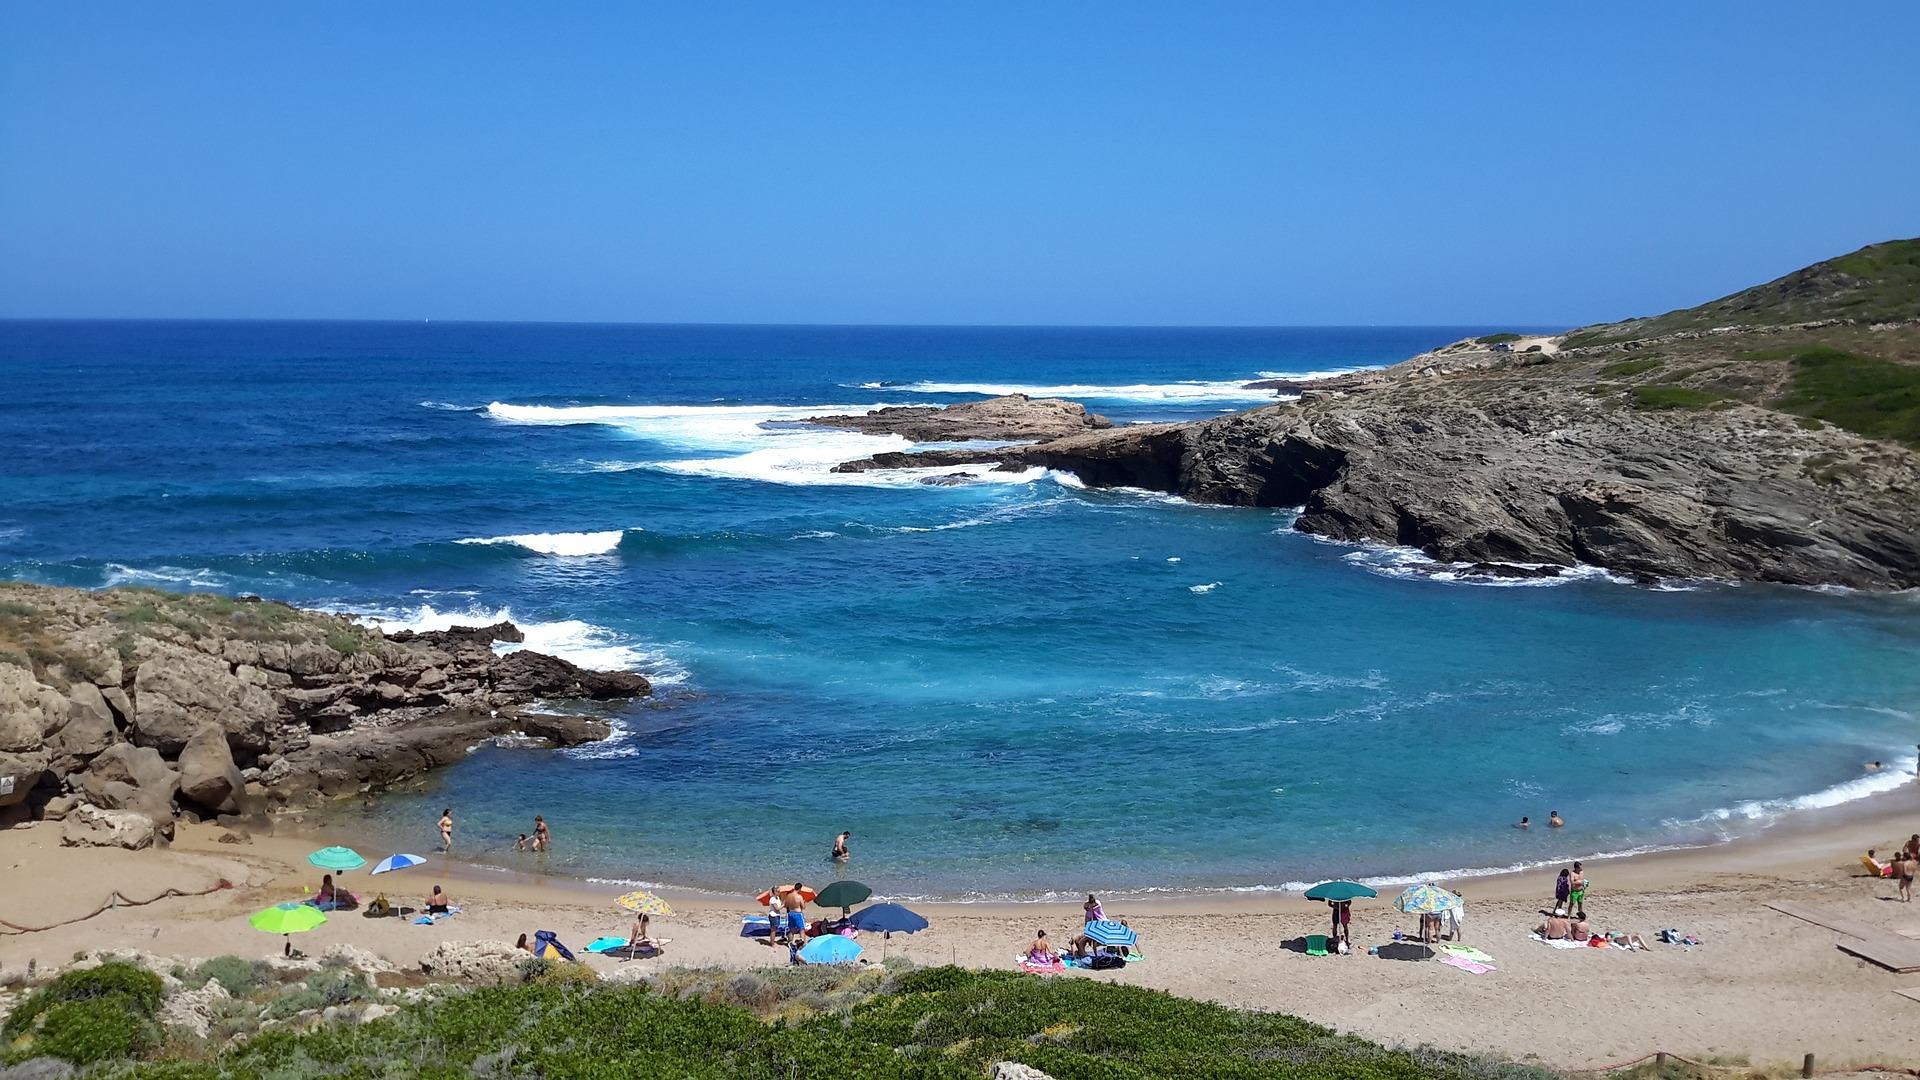 beach-972437_1920.jpg